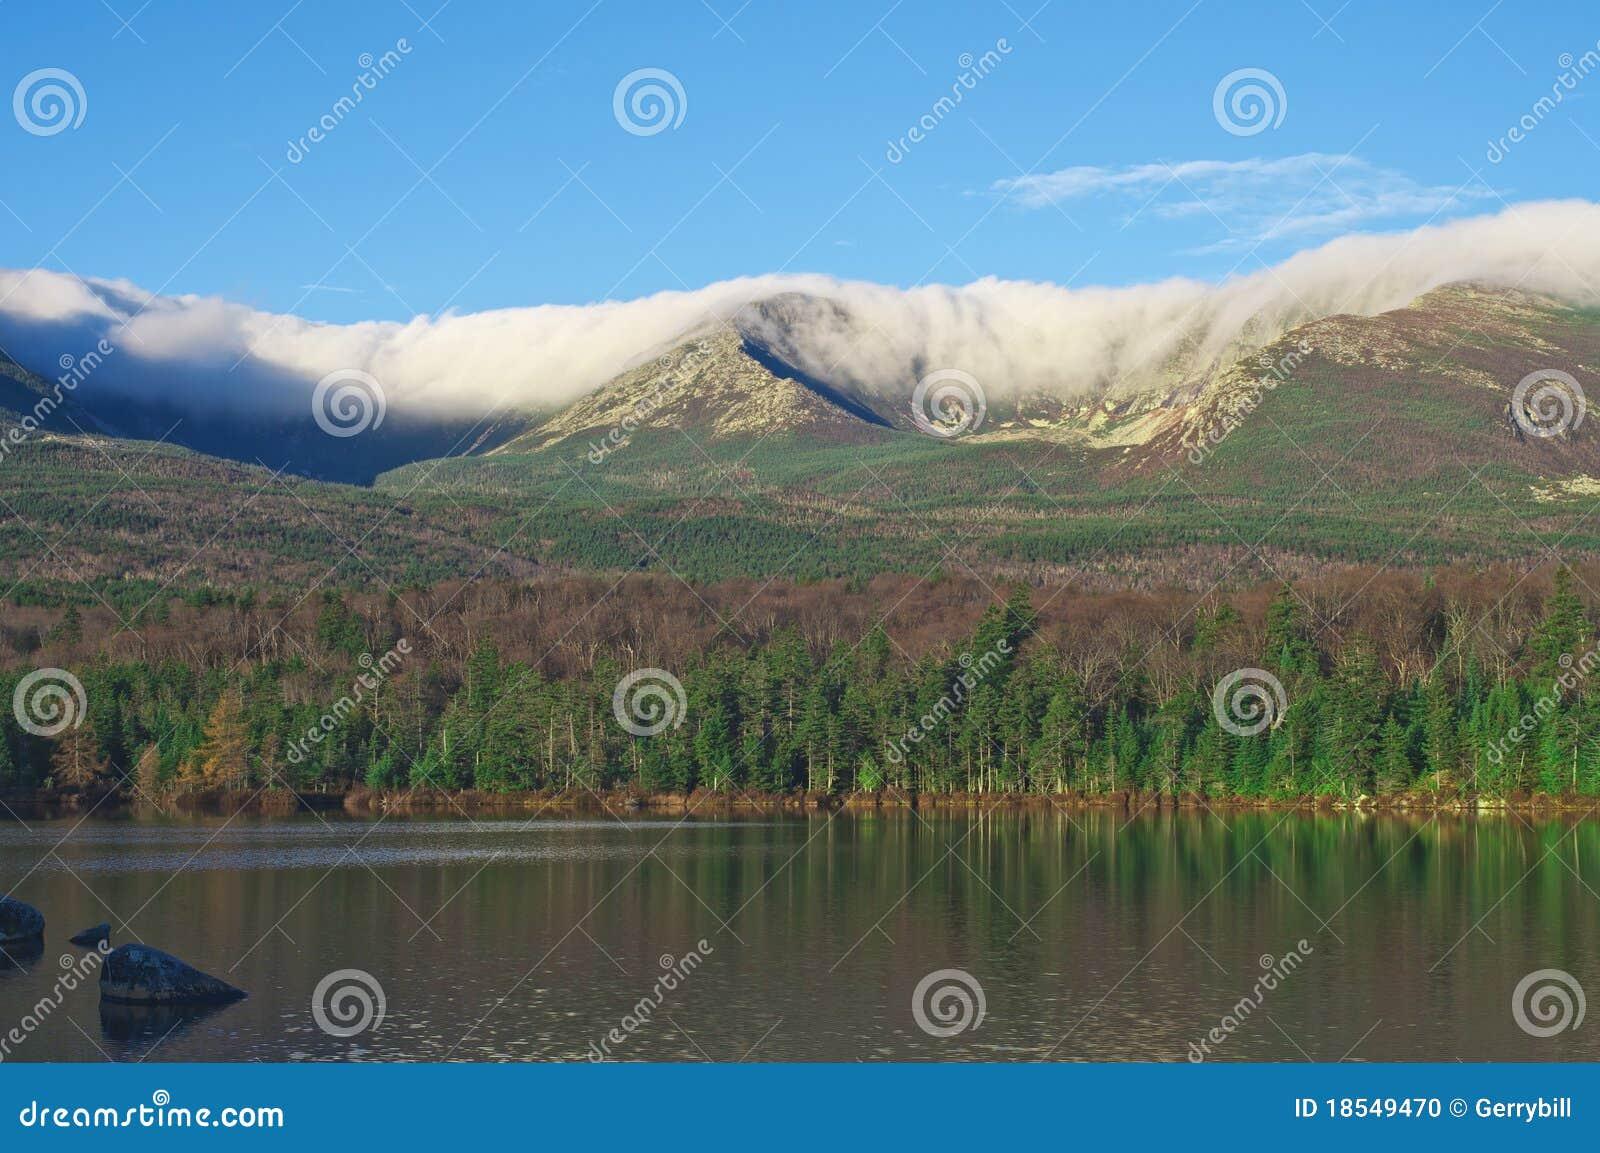 Mt. Katahdin Knife Edge in Clouds